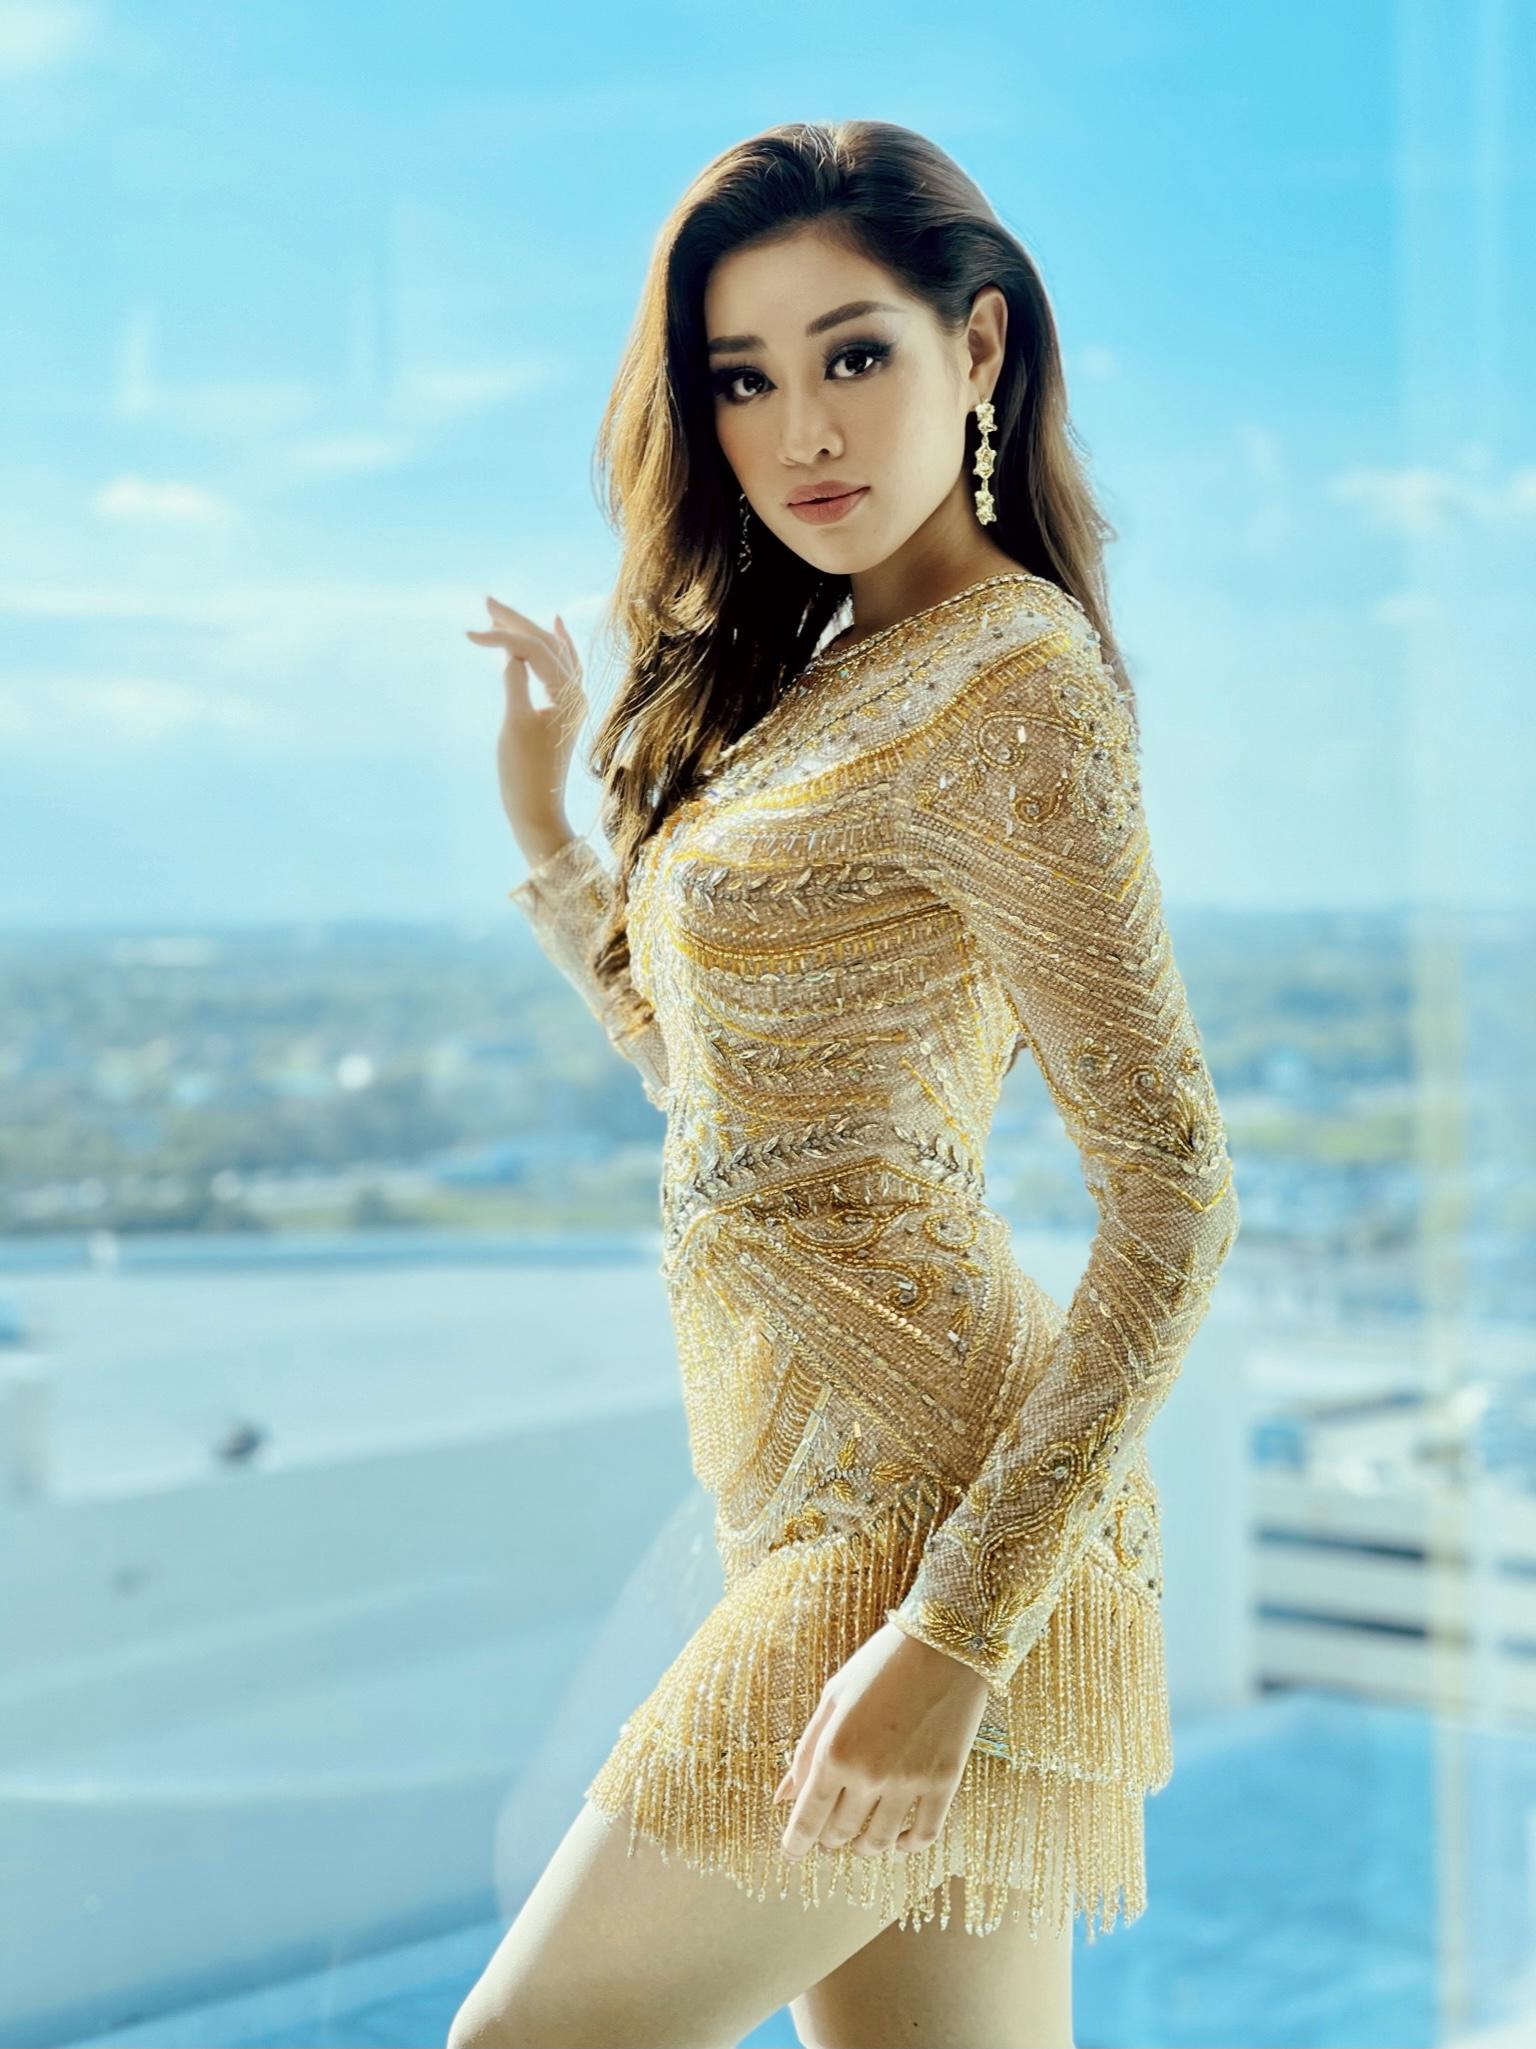 Nhờ sự chuẩn bị kỹ lưỡng từ ê-kíp, người đẹp liên tục phủ sóng mạng xã hội với những trang phục đẹp mắt. Bộ đồ chất liệu xuyên thấu chỉ đủ che vòng ba đính kết lấp lánh cũng được đánh giá cao.